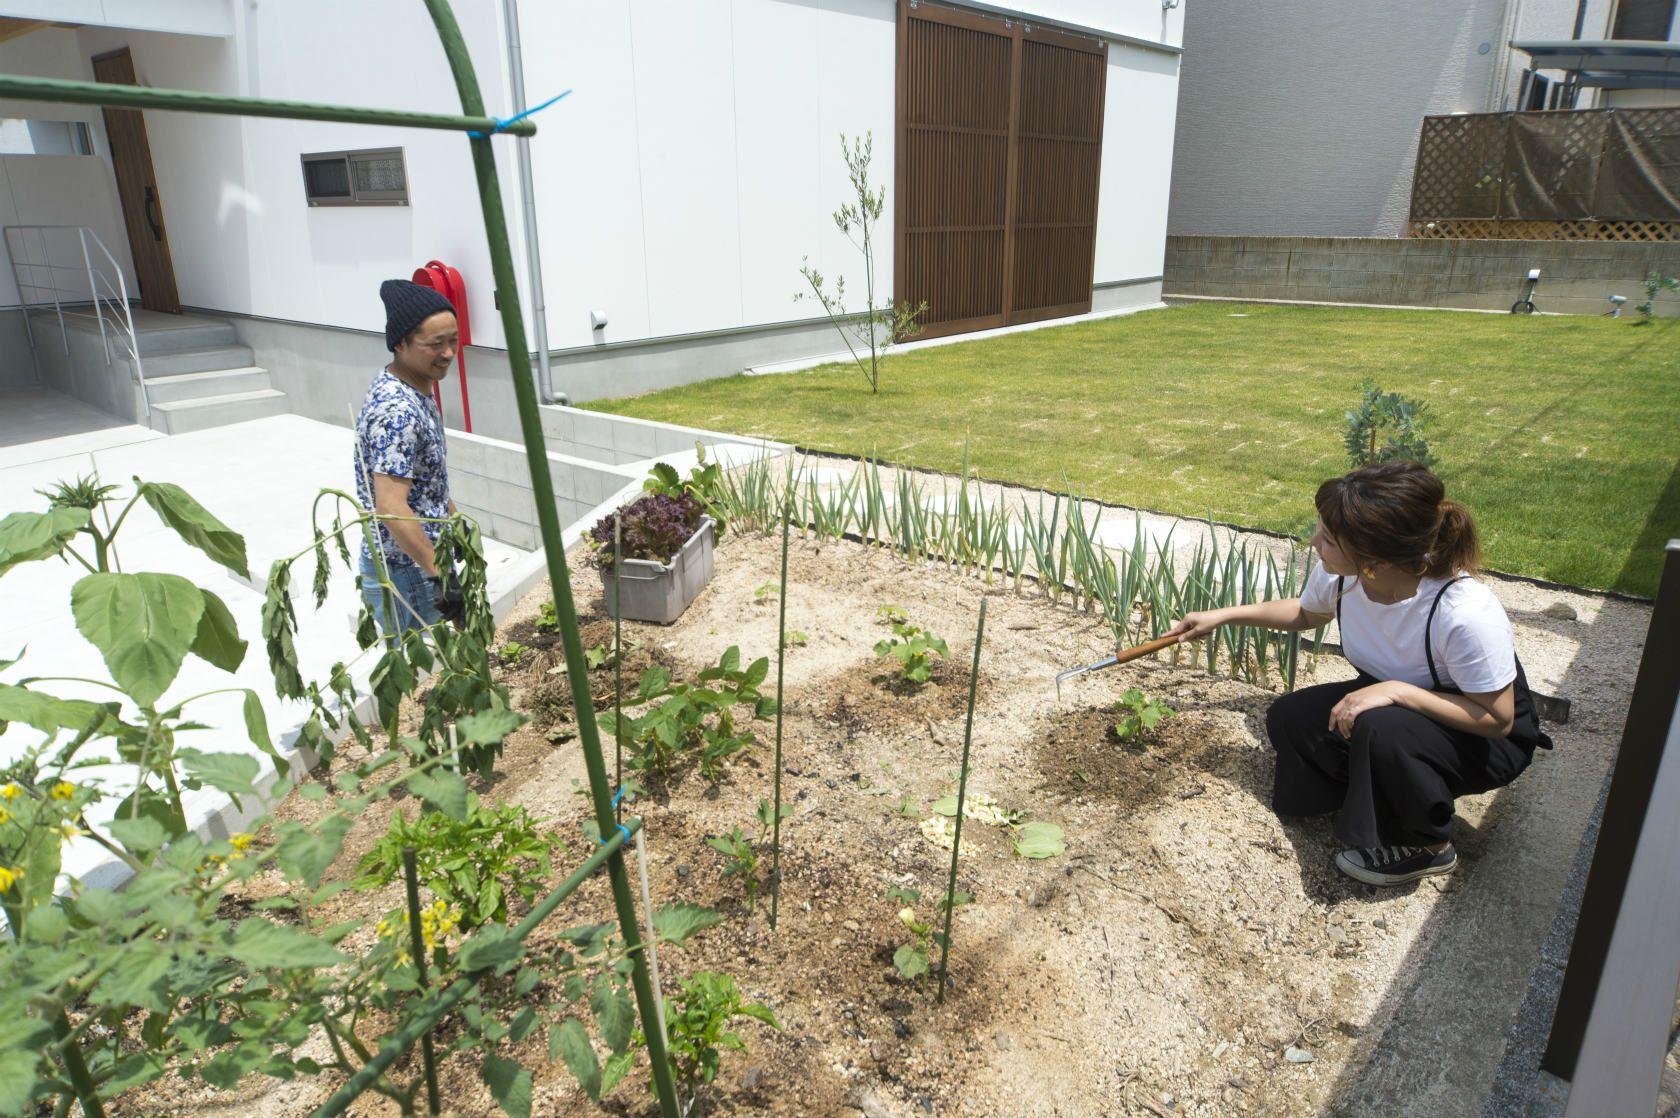 お庭で家庭菜園を楽しむ ご夫婦で一緒に育てて 会話も弾みますね どんな野菜ができるか楽しみです 注文住宅 マイホーム 新築 インテリア 住宅 家 建築 家づくり マイホーム計画 一戸建て デザイン 暮らし 自由設計 施工事例 住まい 家庭菜園 庭 外構 格子戸 芝生